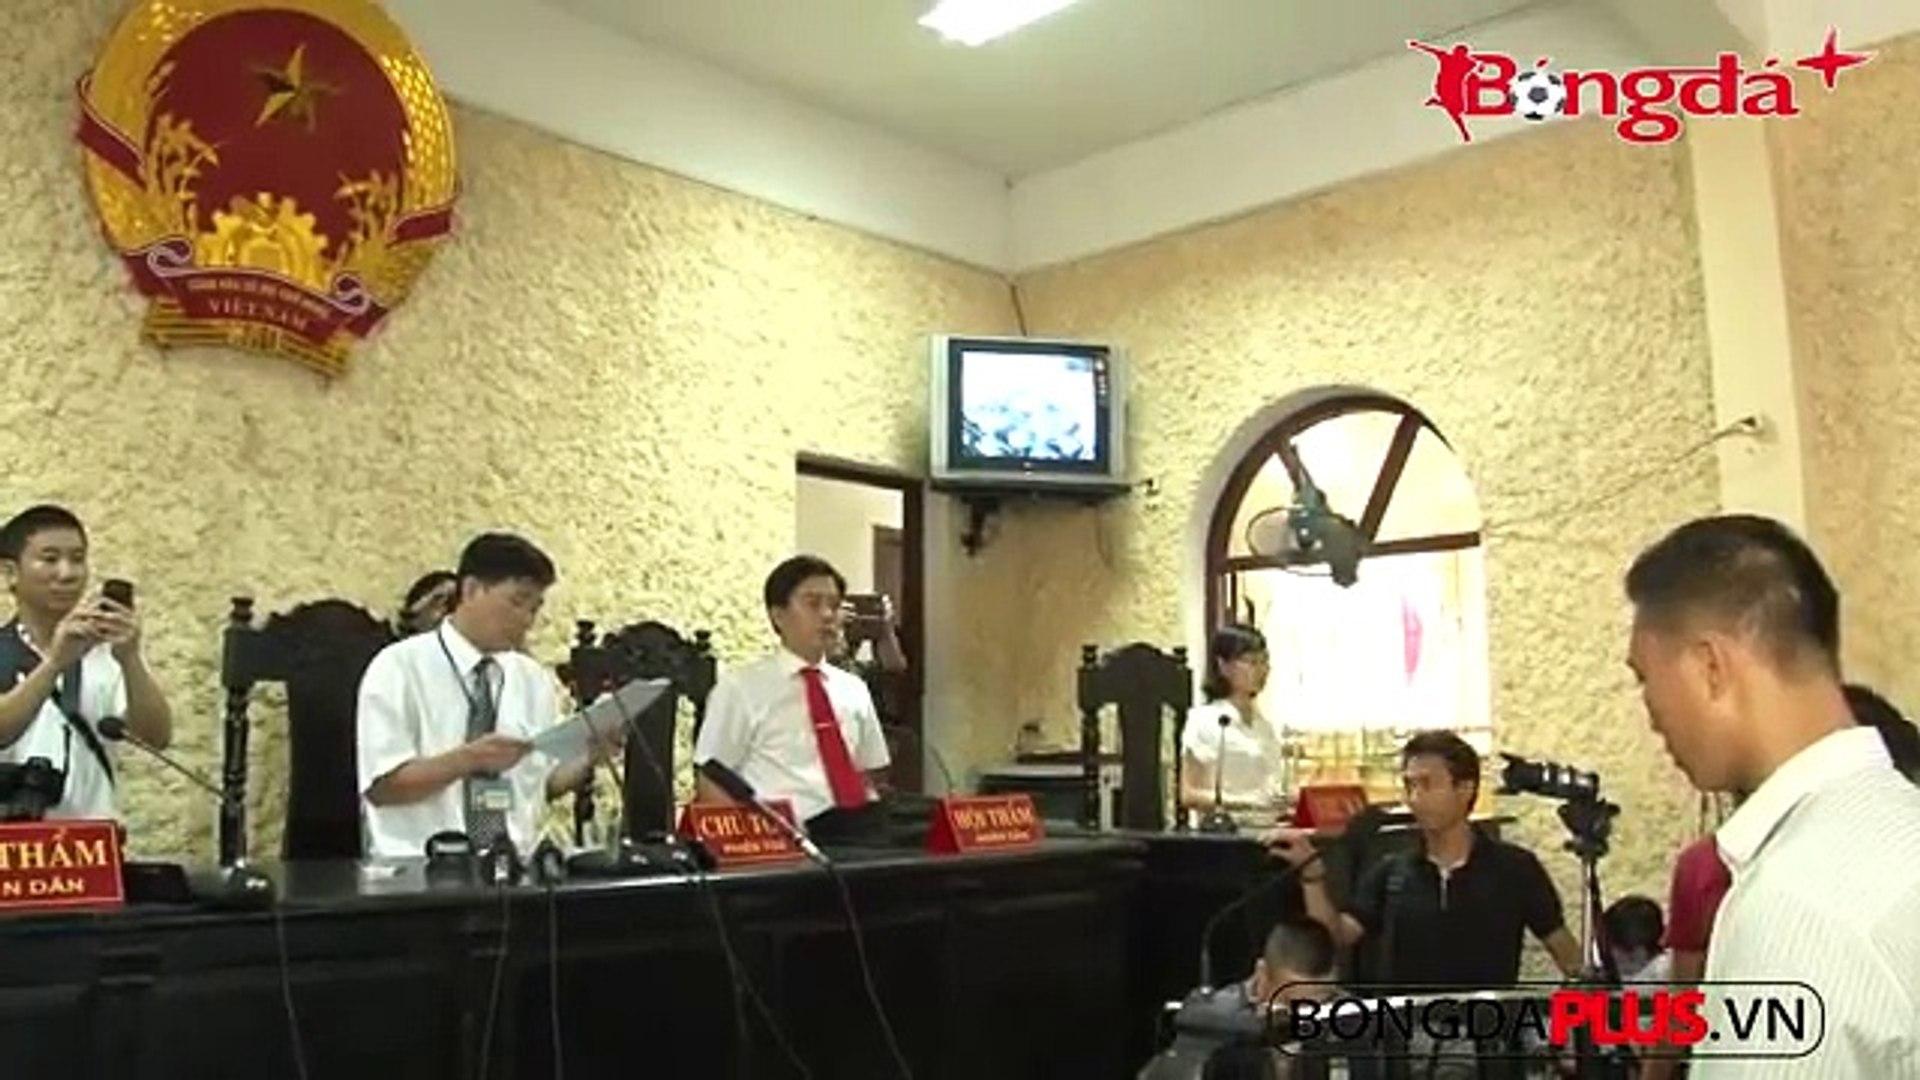 Bóng Đá Ninh Bình bán độ tuyên án 30 tháng tù